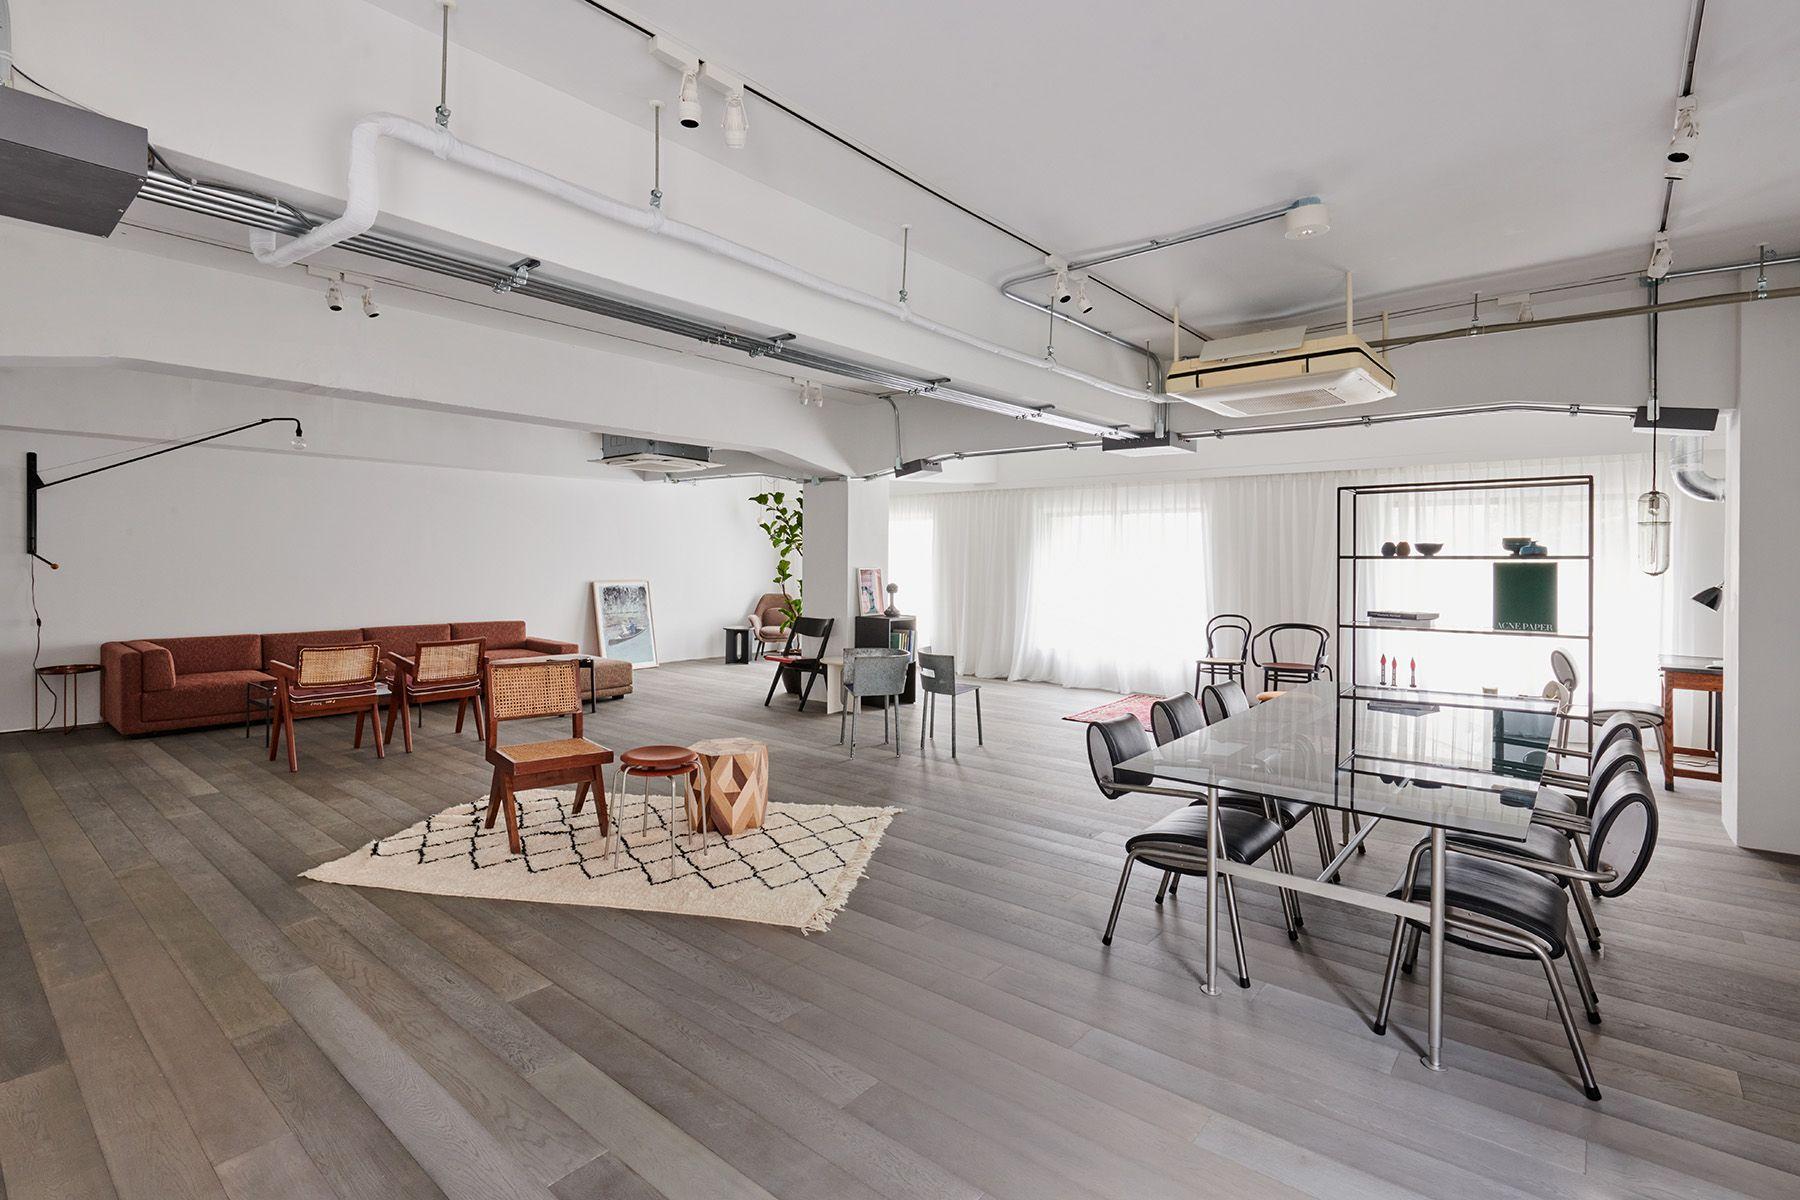 STUDIO-LP 青葉台/LP-2 キッチン&リビングリビングスペースからの一角